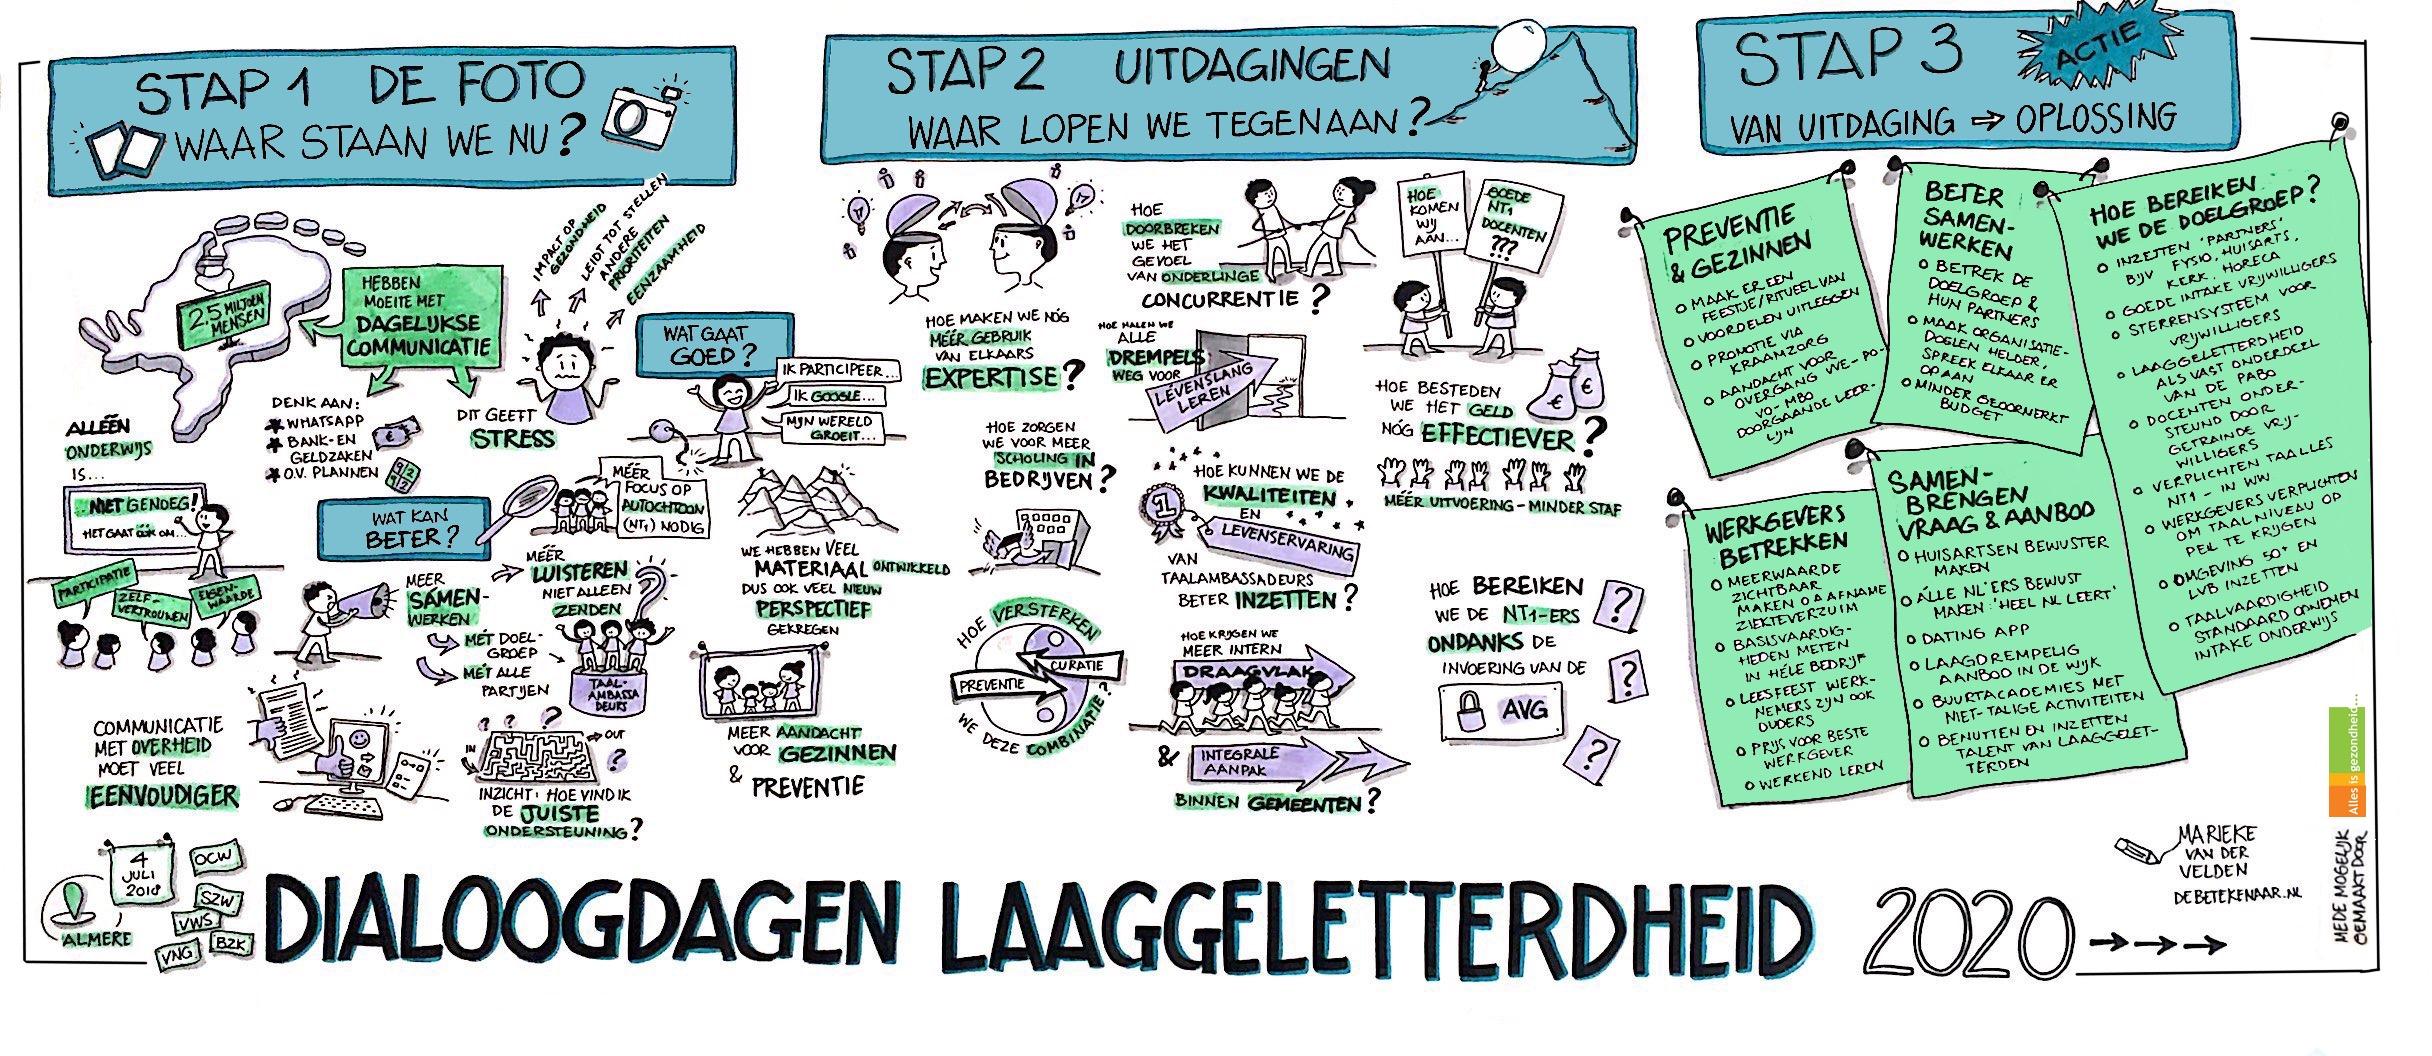 Afbeelding van de visuele samenvatting van de 3e Dialoogdag Laaggeletterdheid 2020+